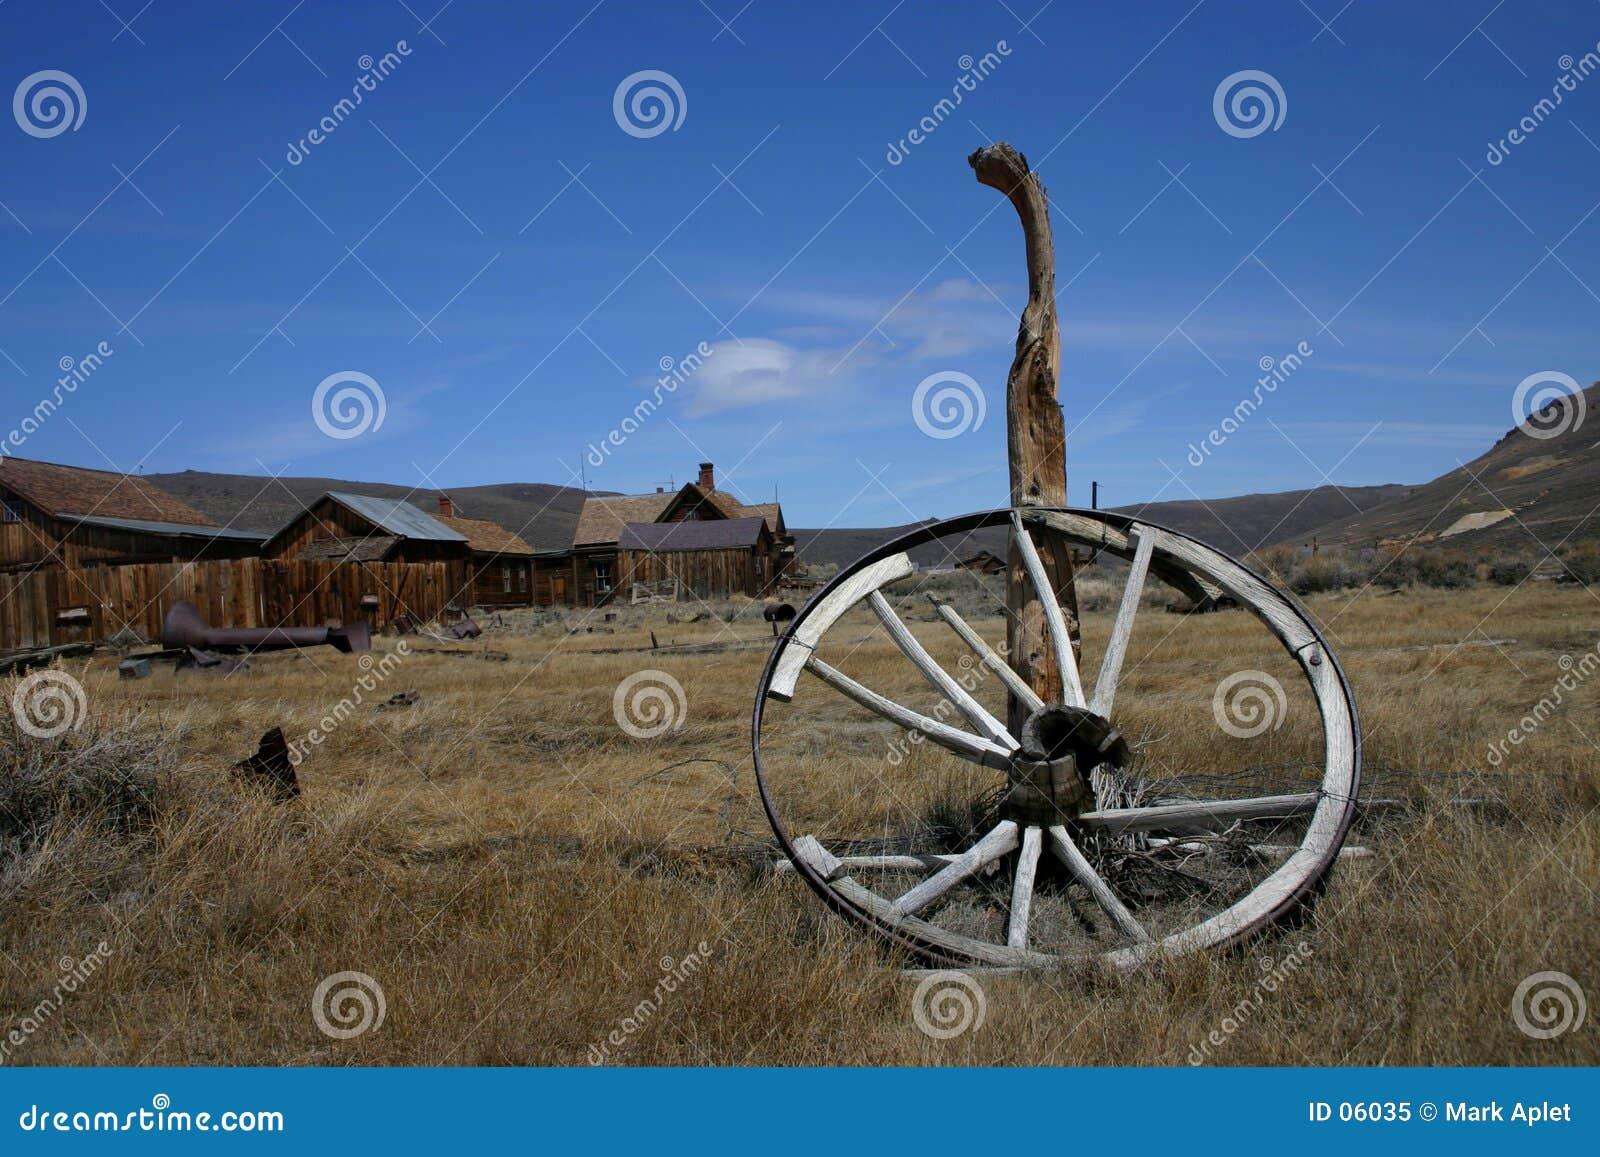 Stary wóz koło